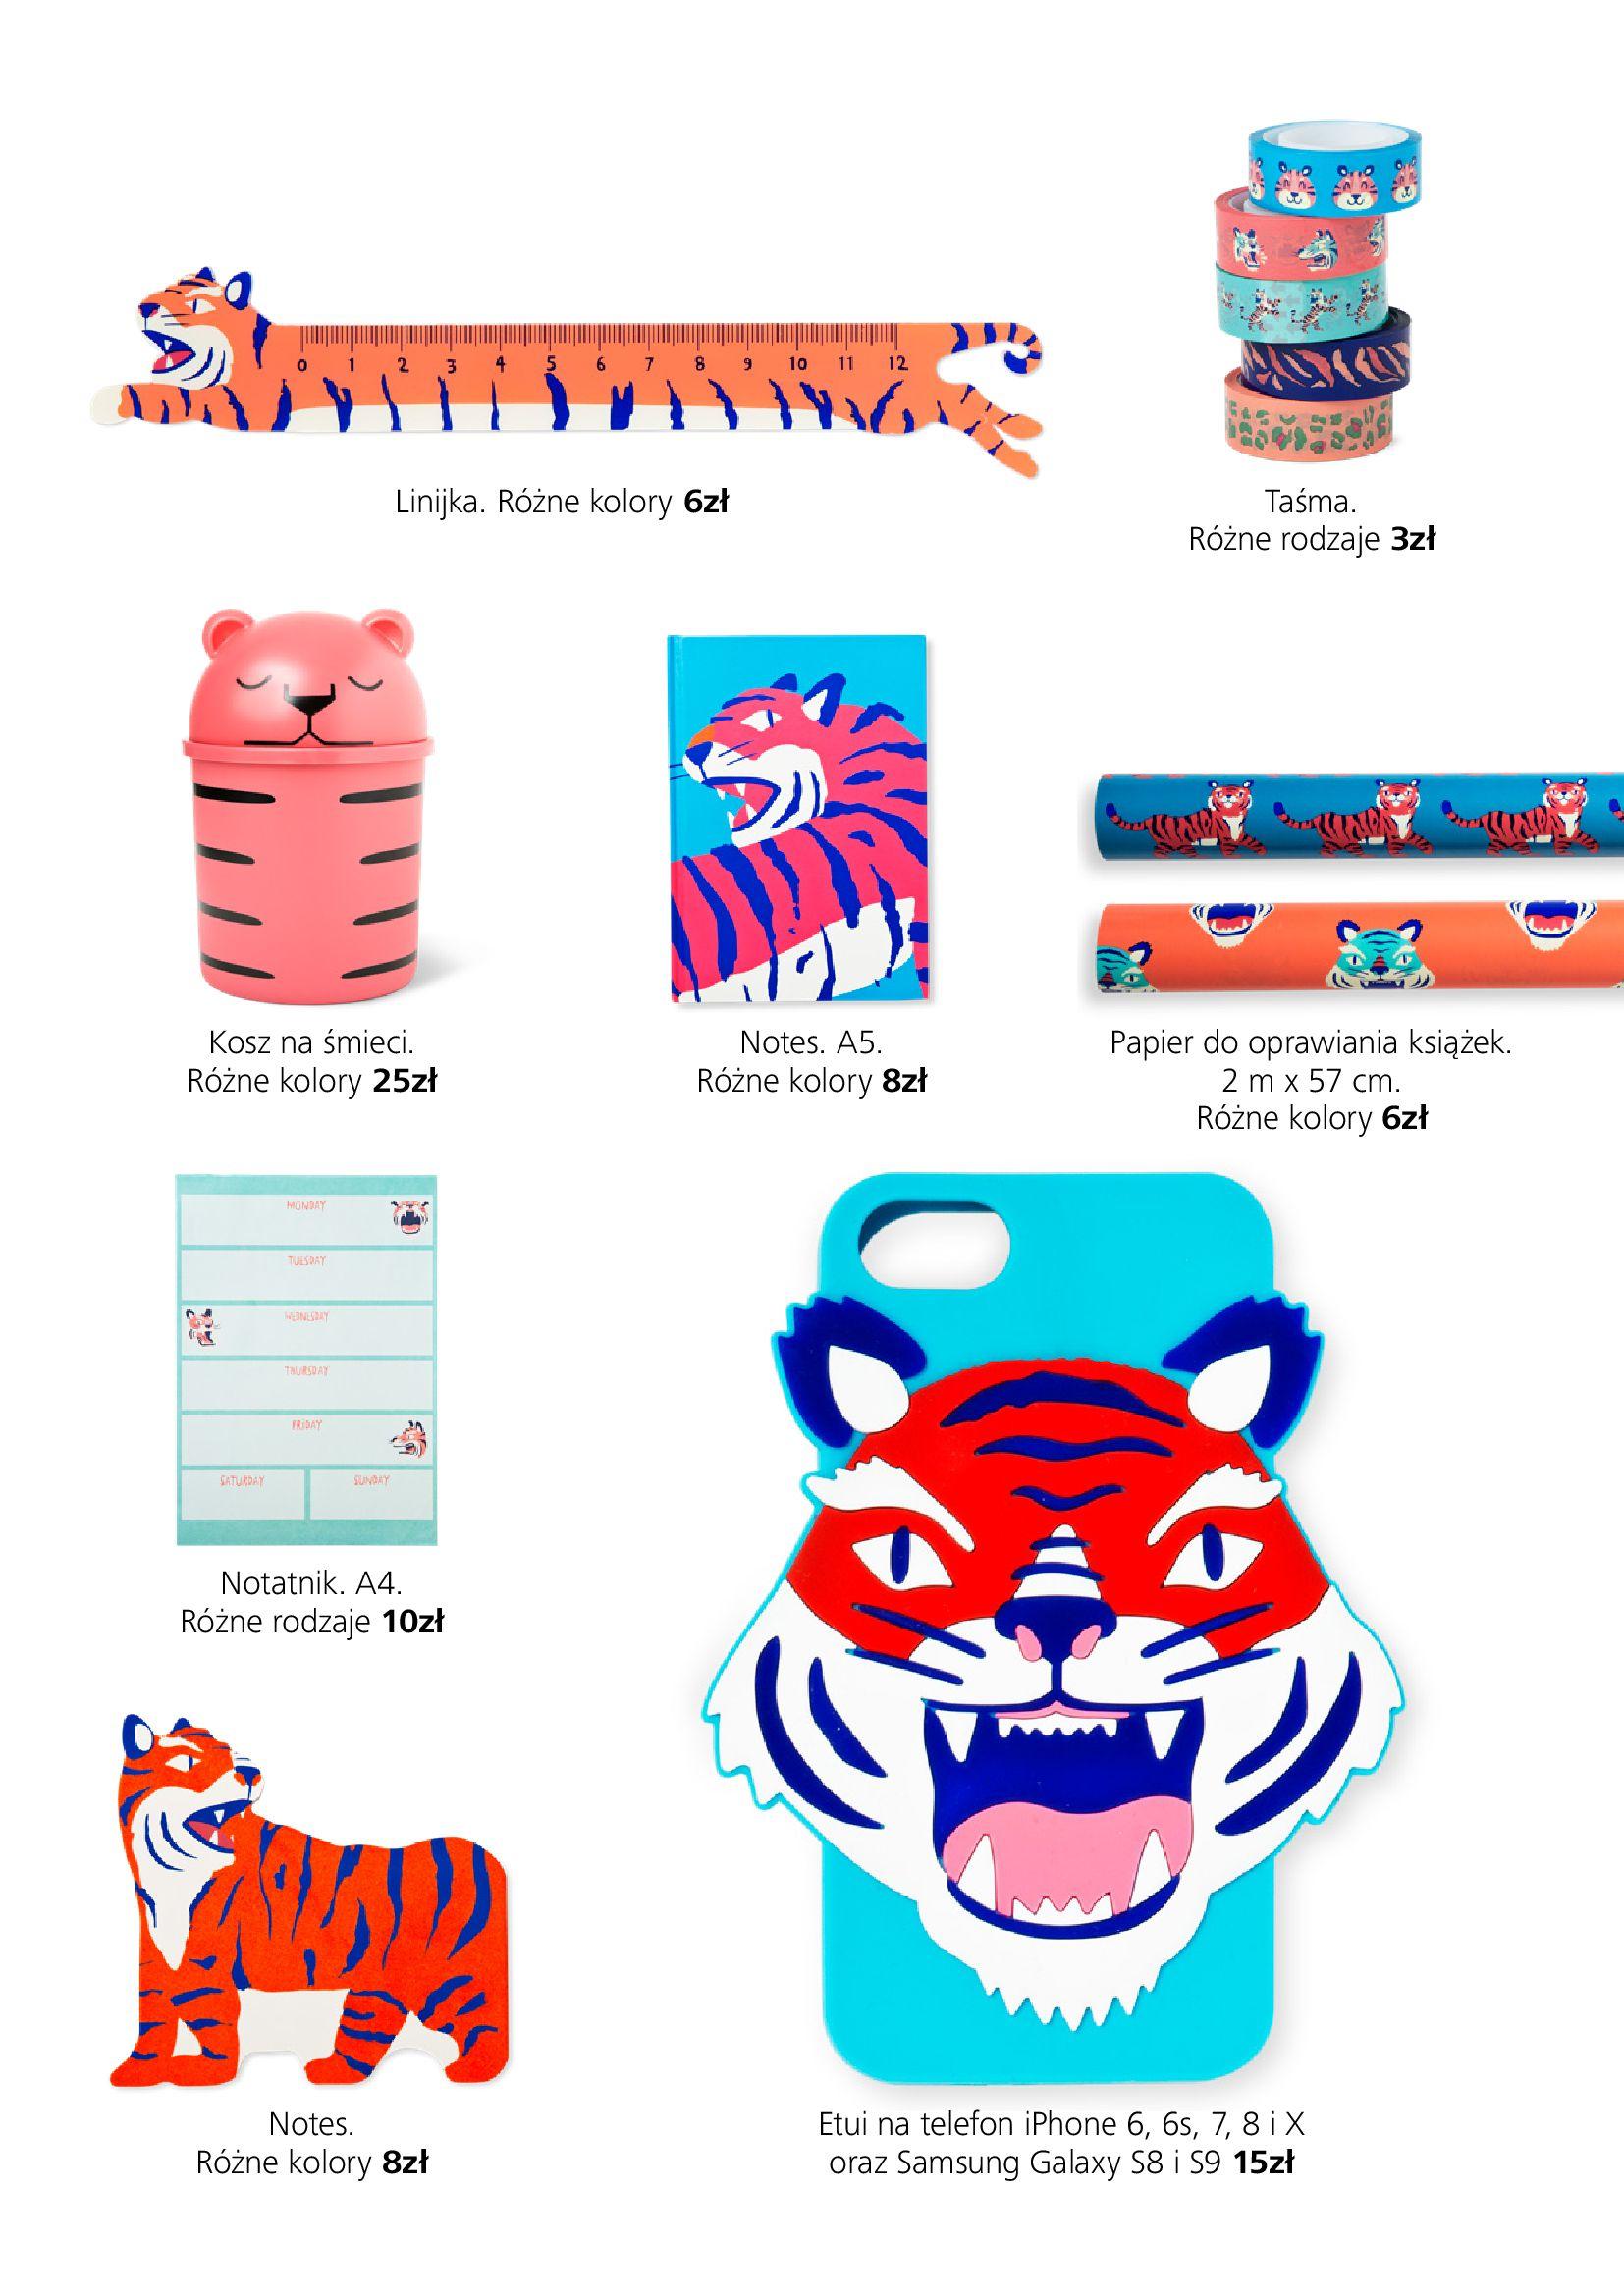 Gazetka Flying tiger - Odpocznij-27.06.2019-30.07.2019-page-